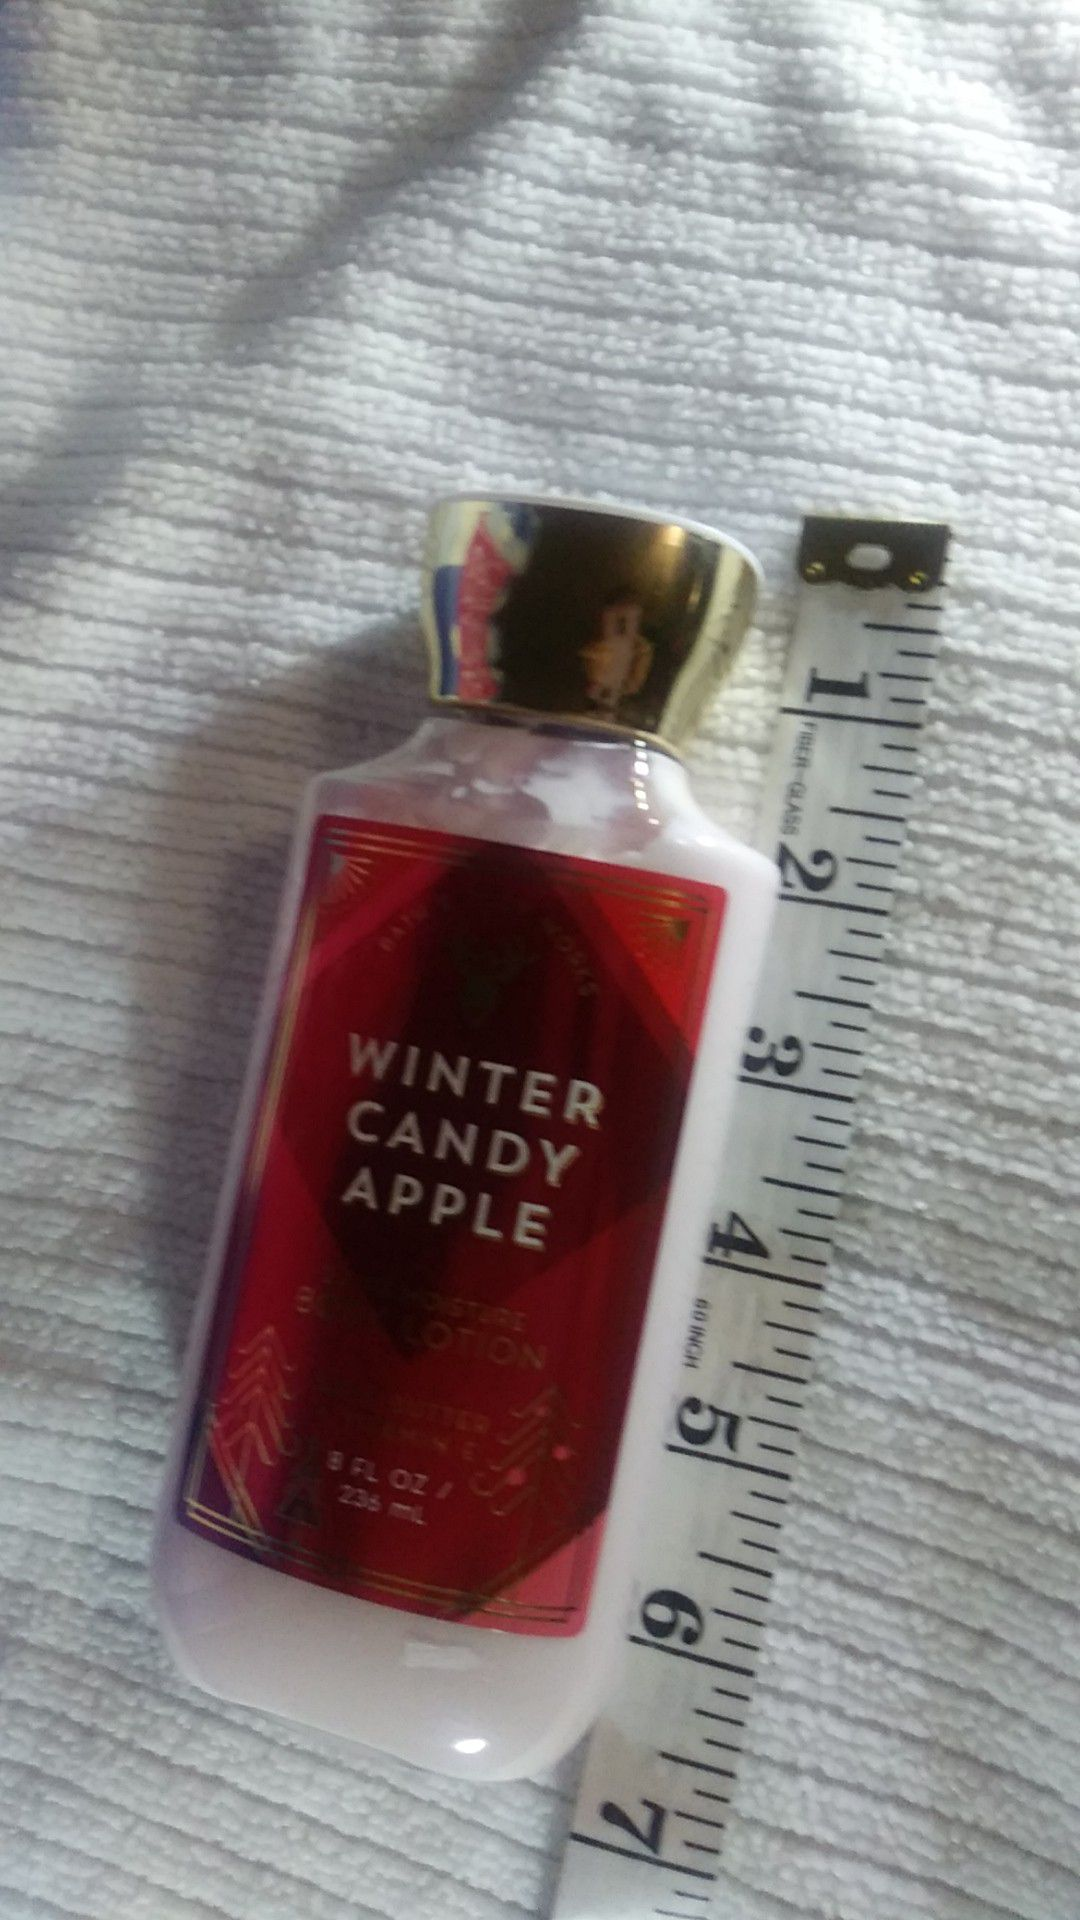 Winter candy apple body lotion 8oz. Bath&bodyworks body cream